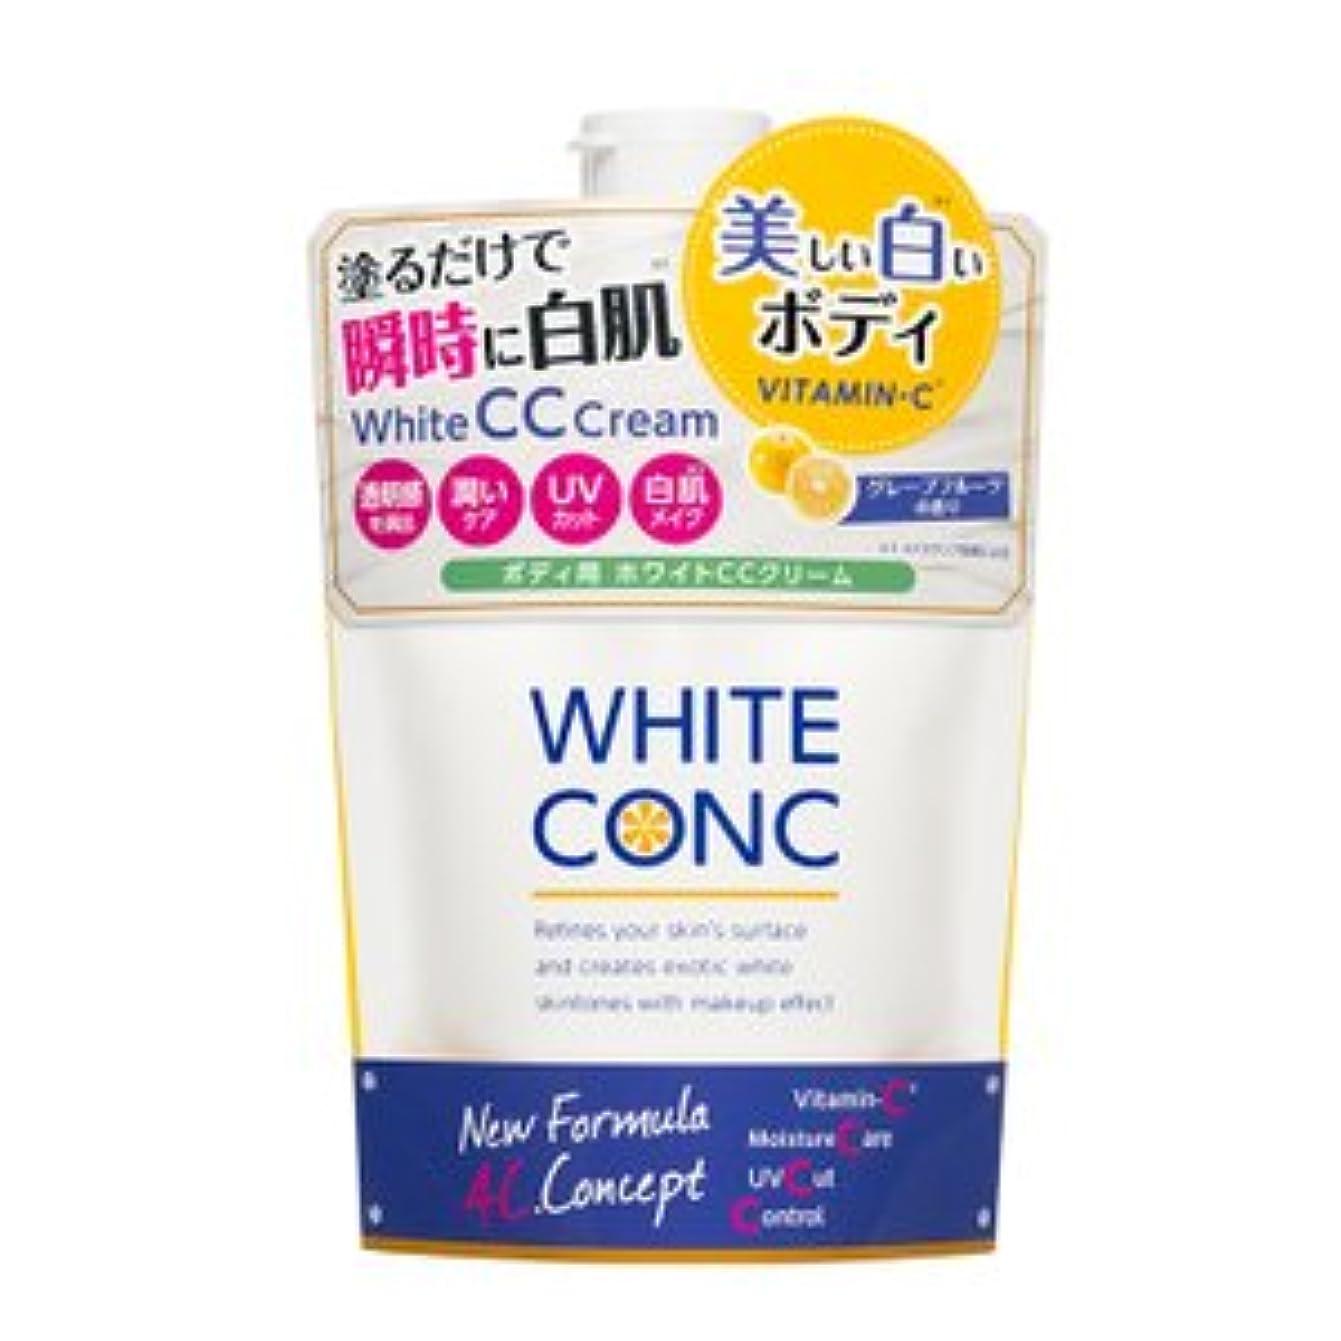 散る思われるチーフ薬用ホワイトコンクホワイトCCクリーム 200g